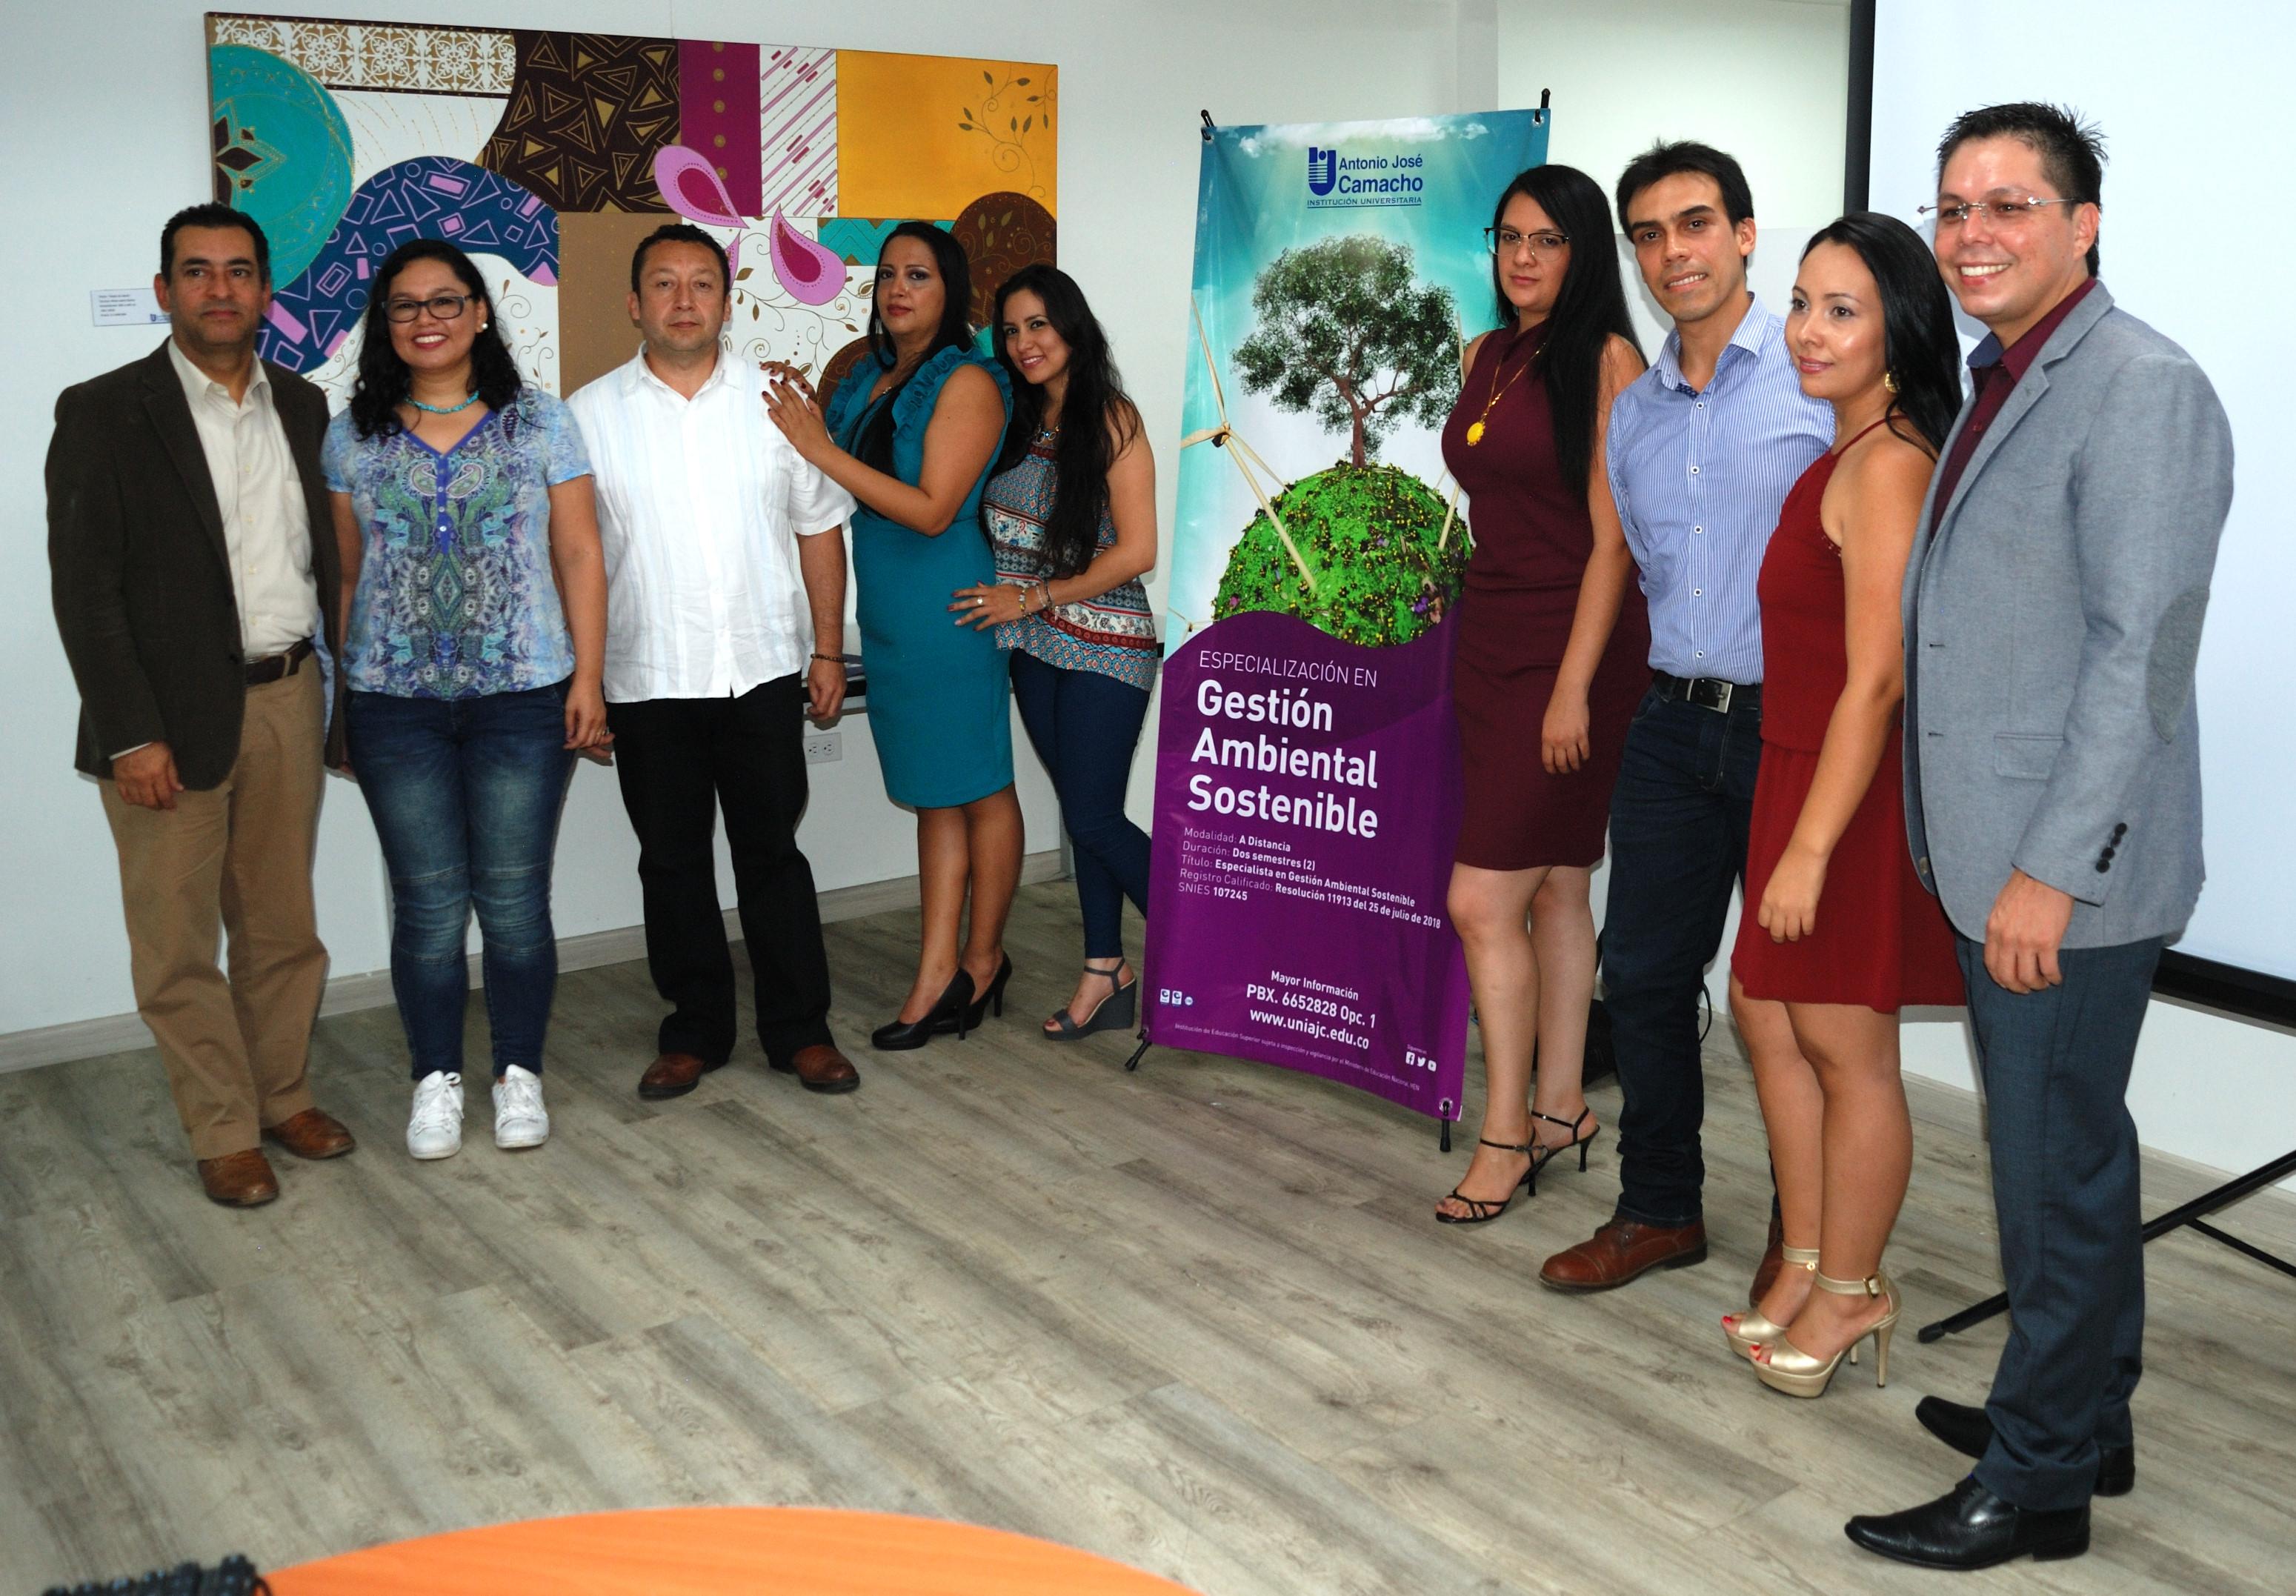 Lanzamiento de la especialización en Gestión Ambiental Sostenible